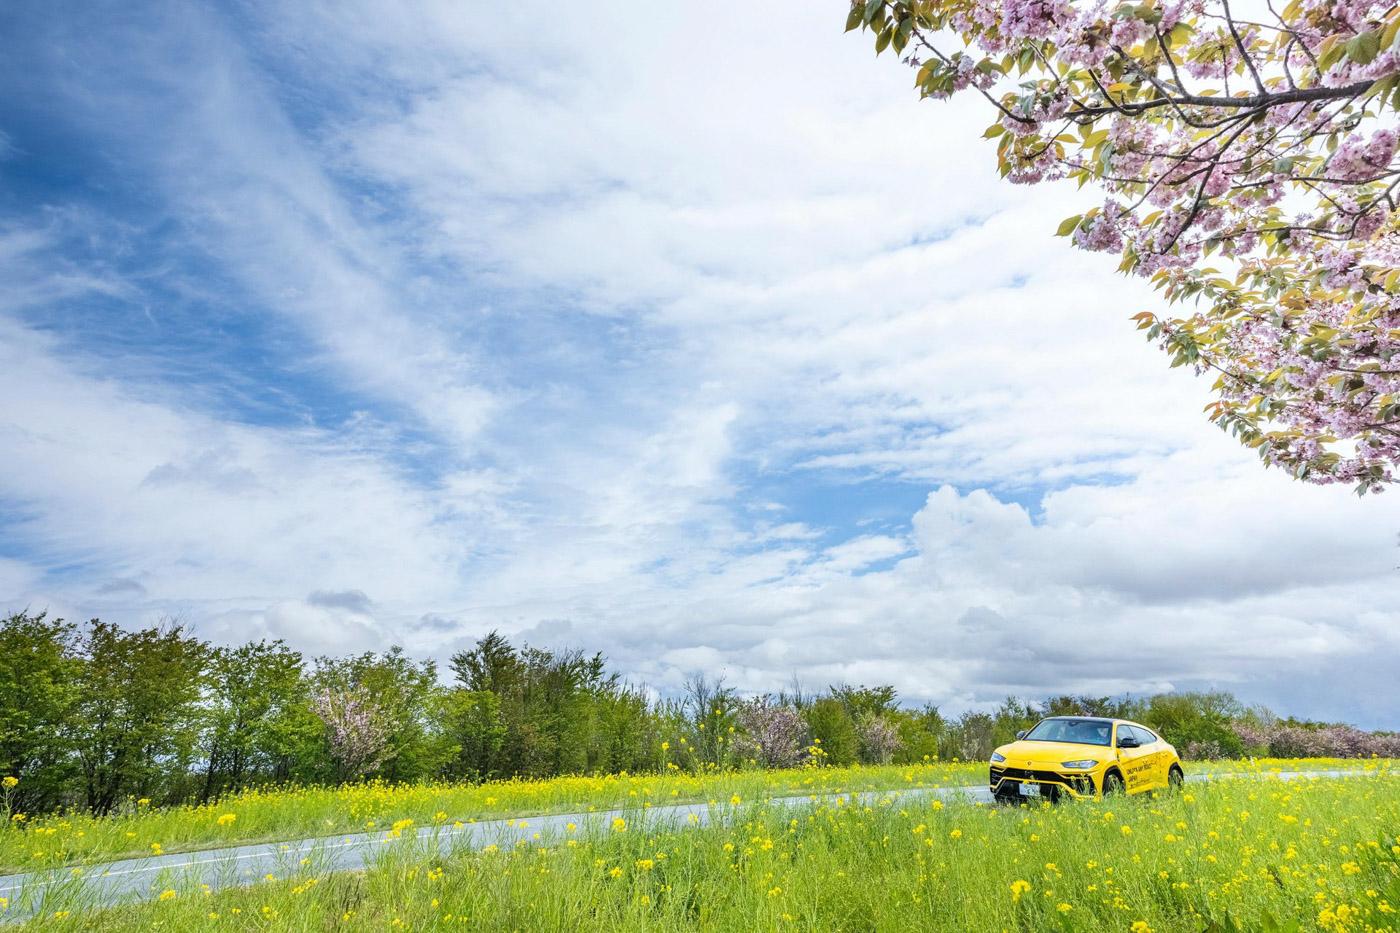 Bộ-đôi-Lamborghini-Urus-vượt-hơn-6.500-km-trong-hành-trình-xuyên-Nhật-Bản (15).jpg